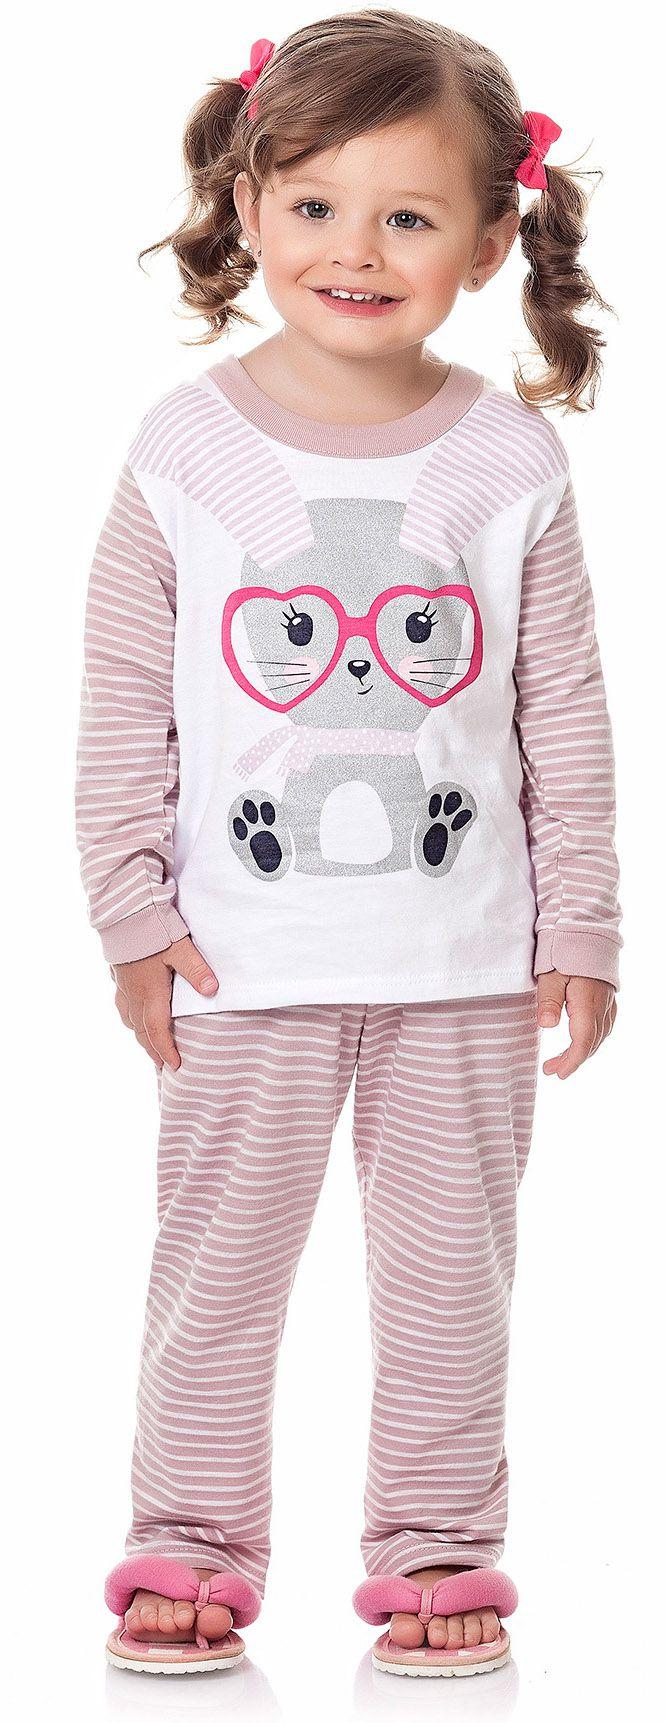 Pijama Coelhinha Kiko e Kika